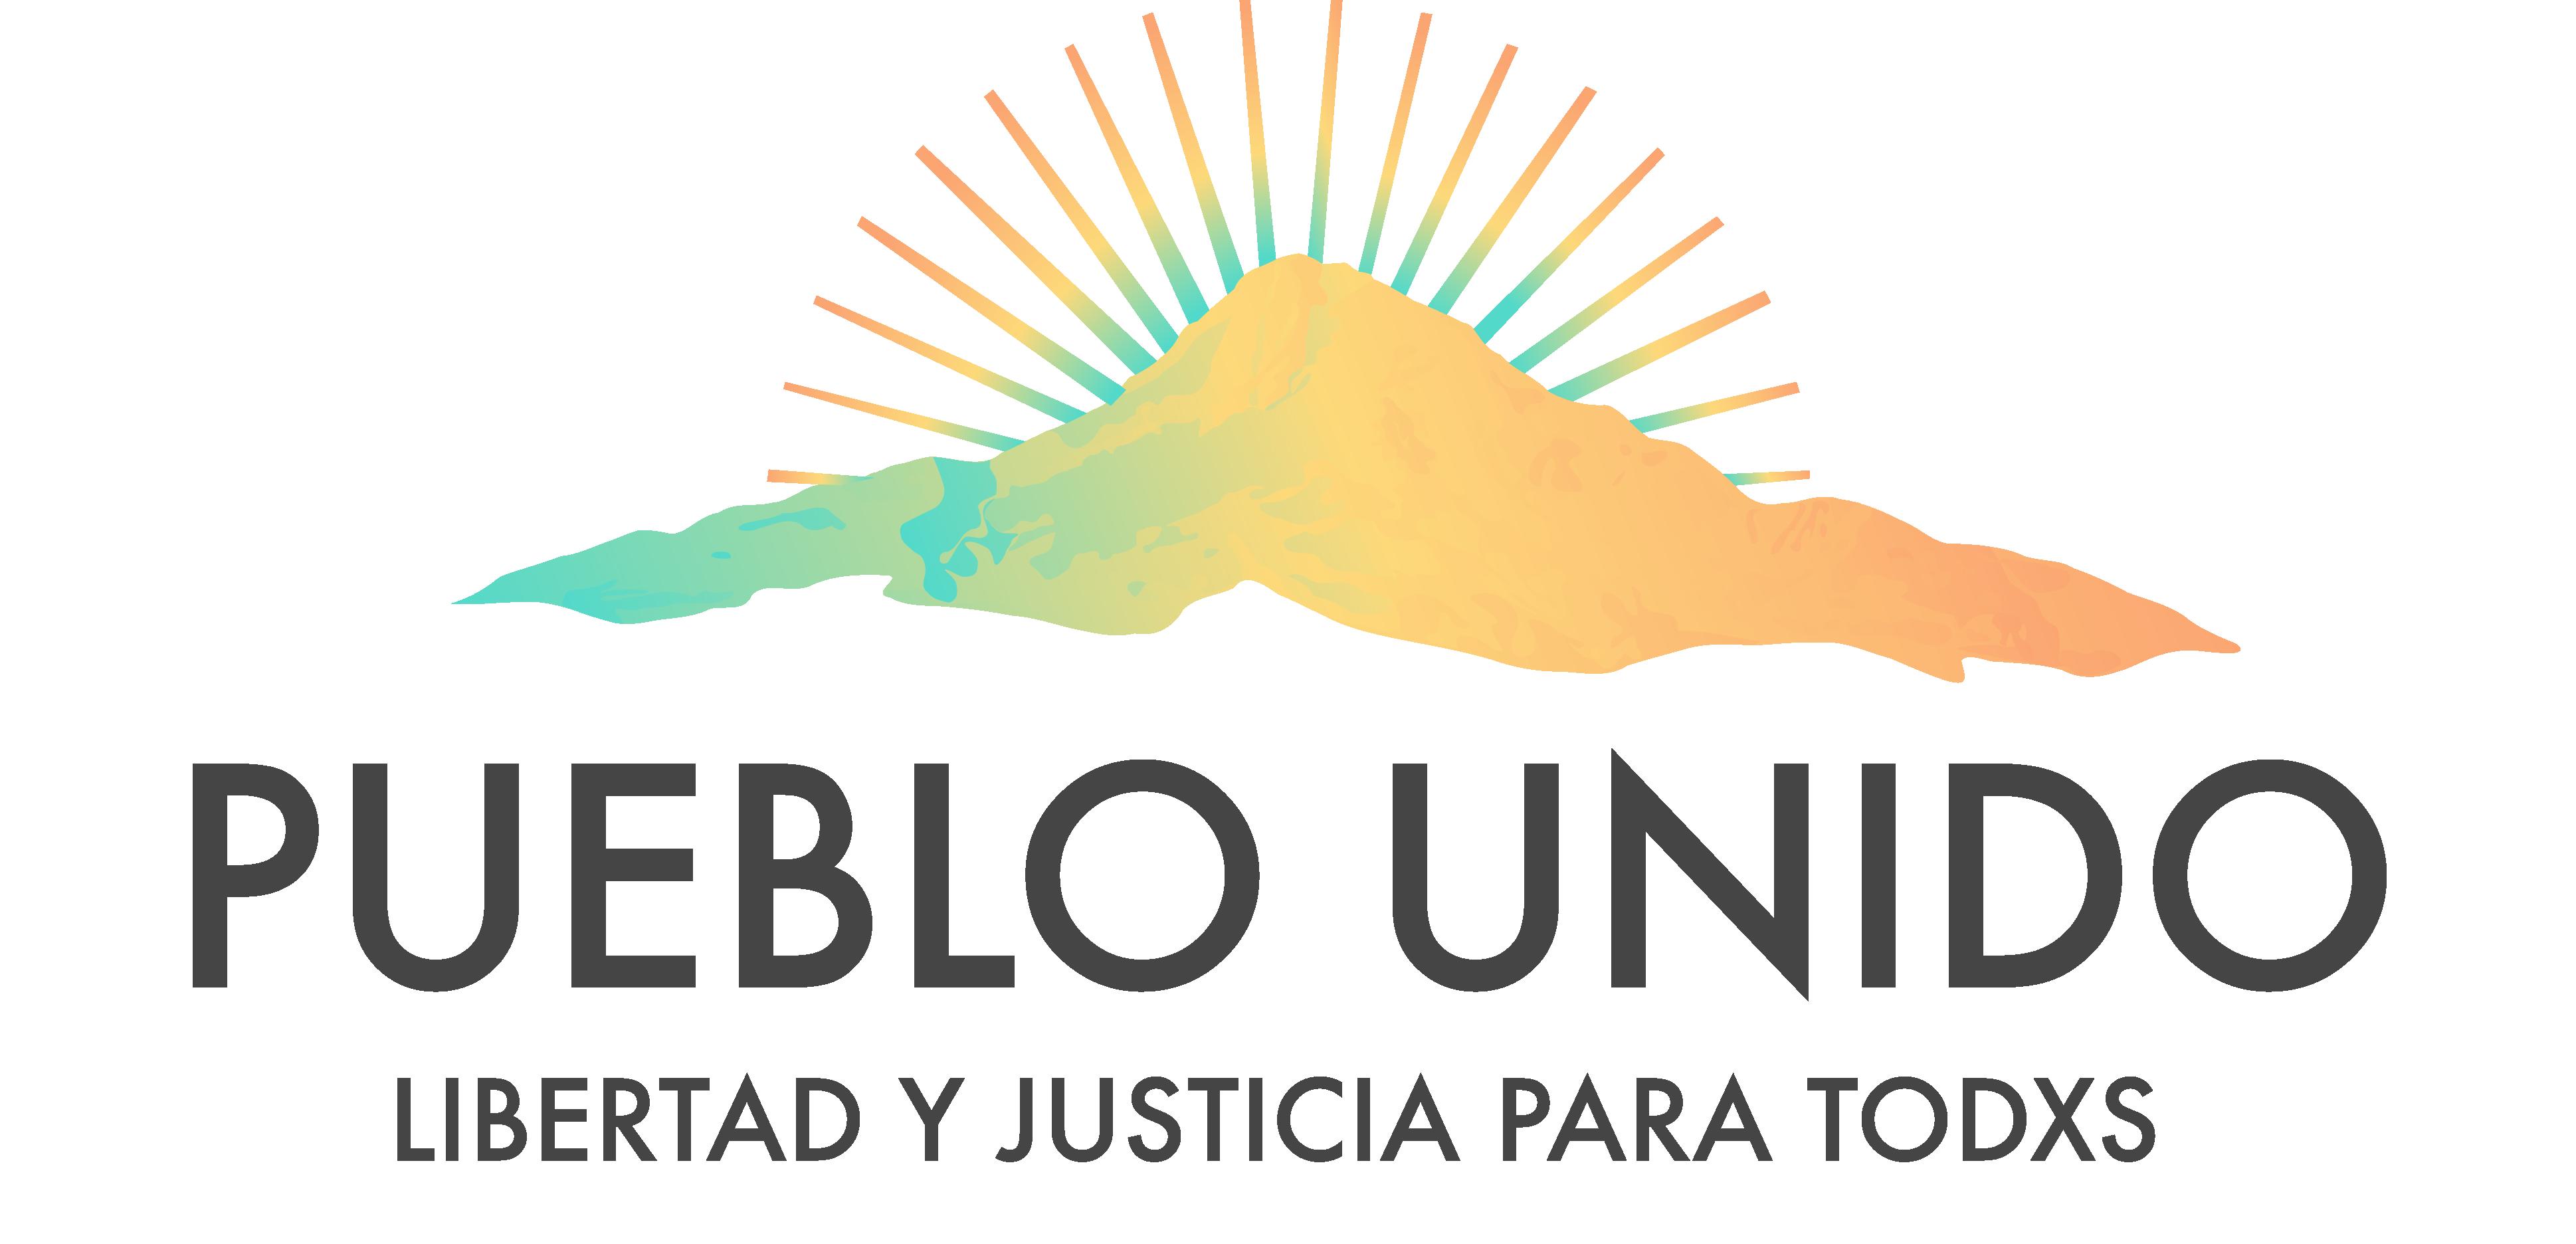 Pueblo Unido PDX